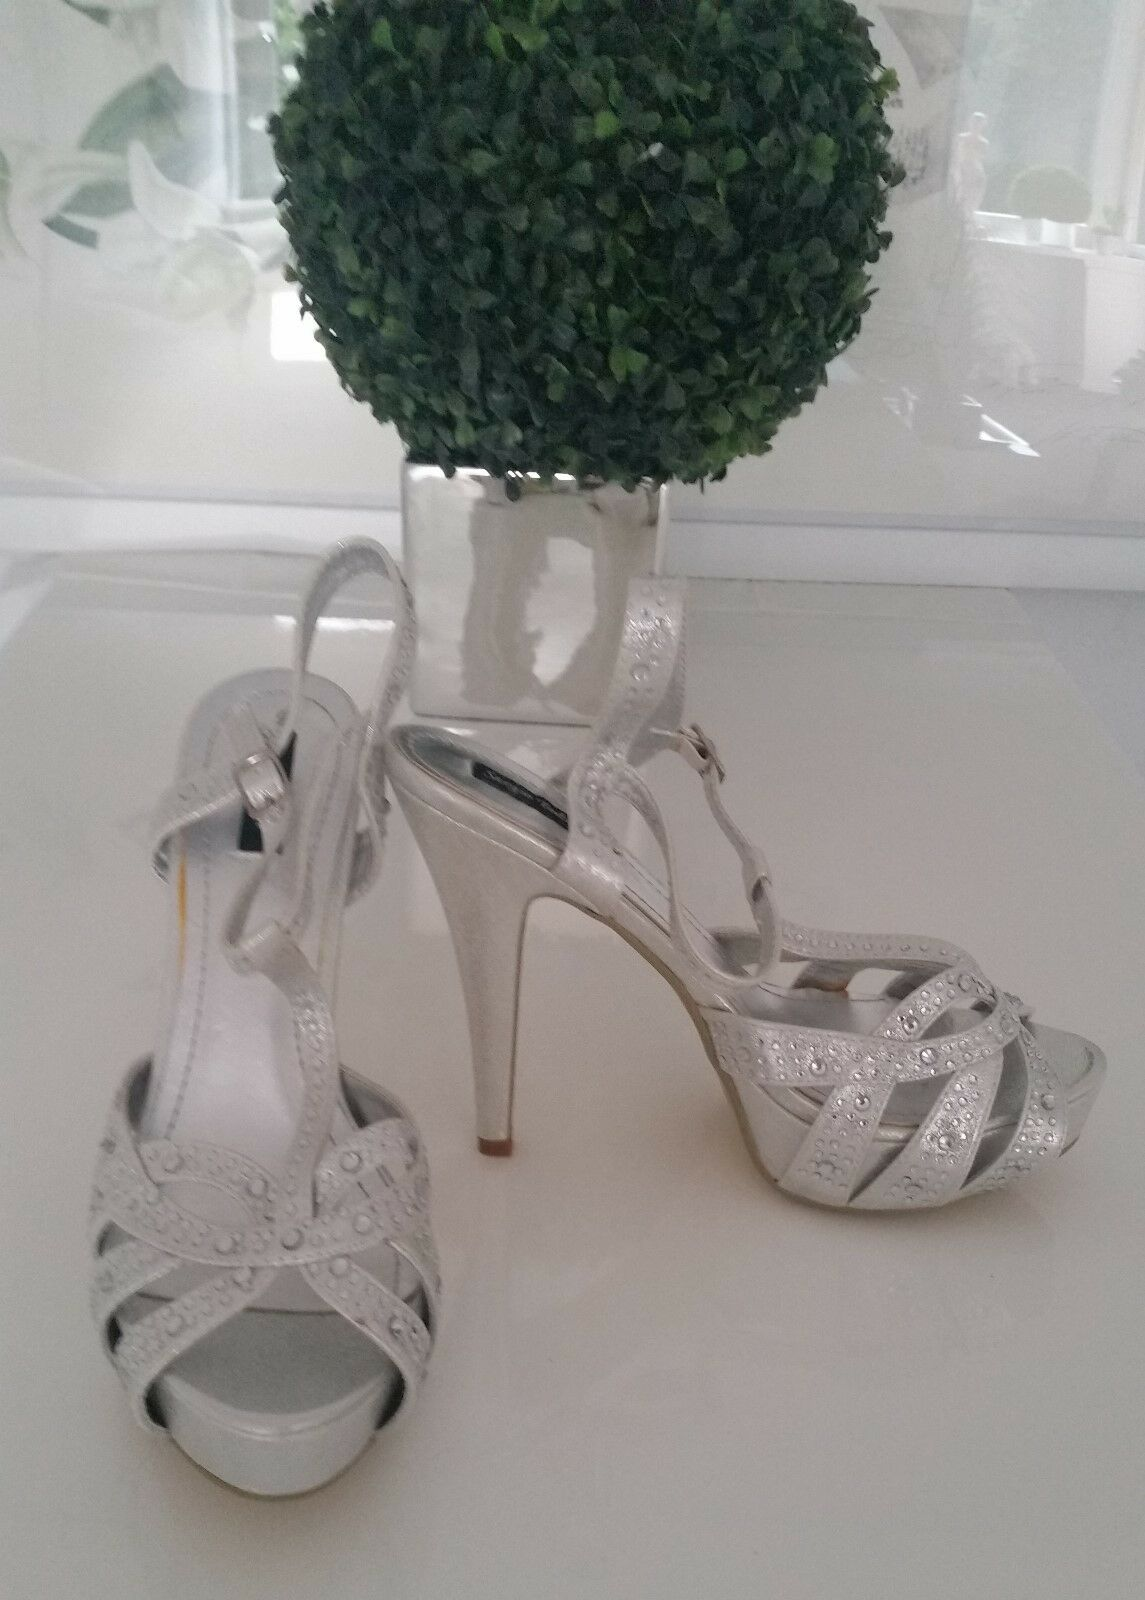 Sexy Sandaletten - High Heels - Pumps / NEU Silber / Gr. 41 NEU / af349b